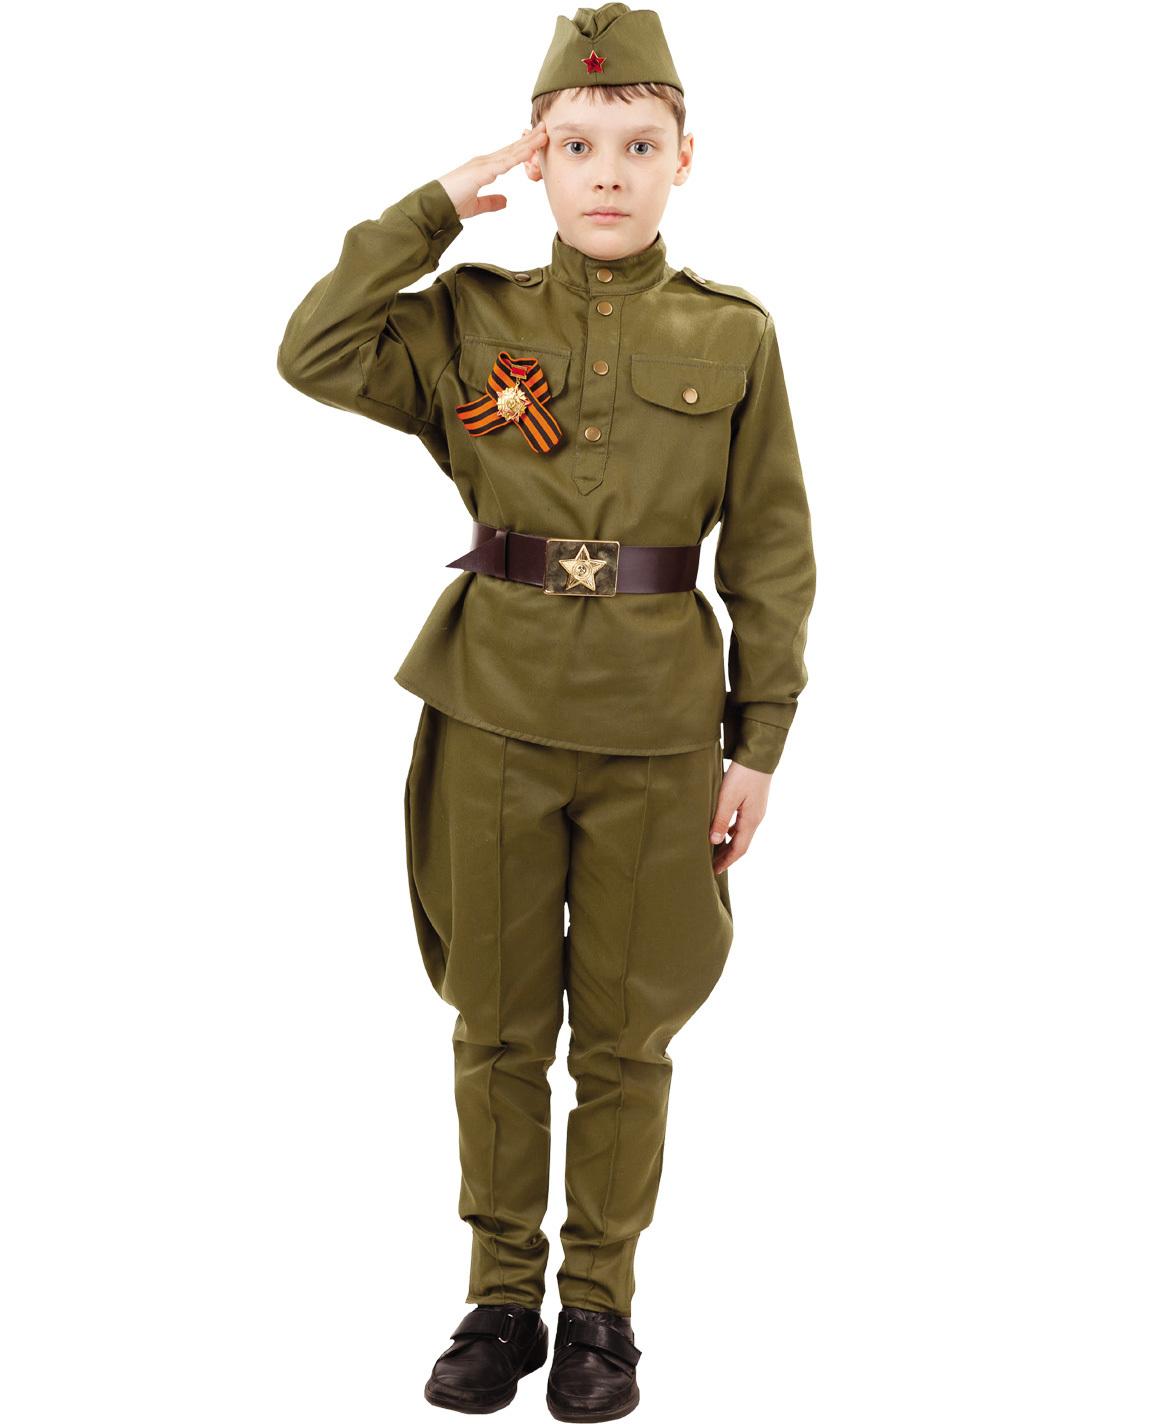 Военная форма Солдат в галифе и орденом